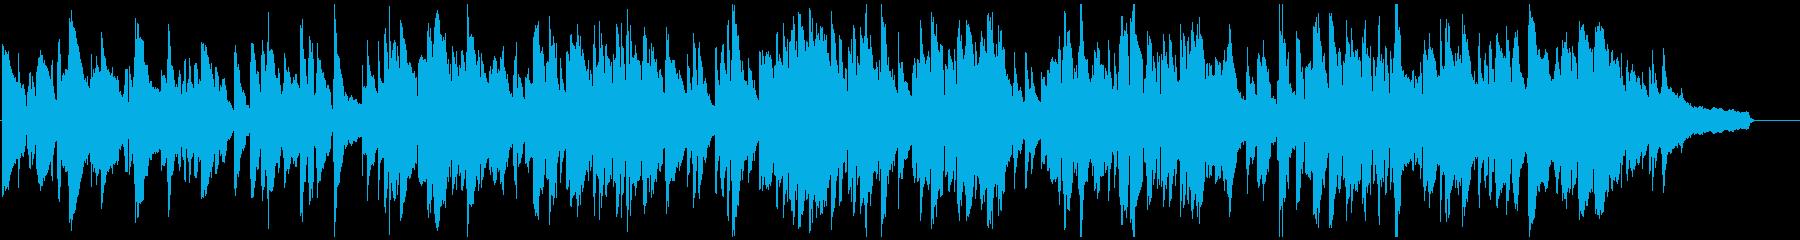 ゆったりくつろぎの癒し系ジャズ、サックスの再生済みの波形